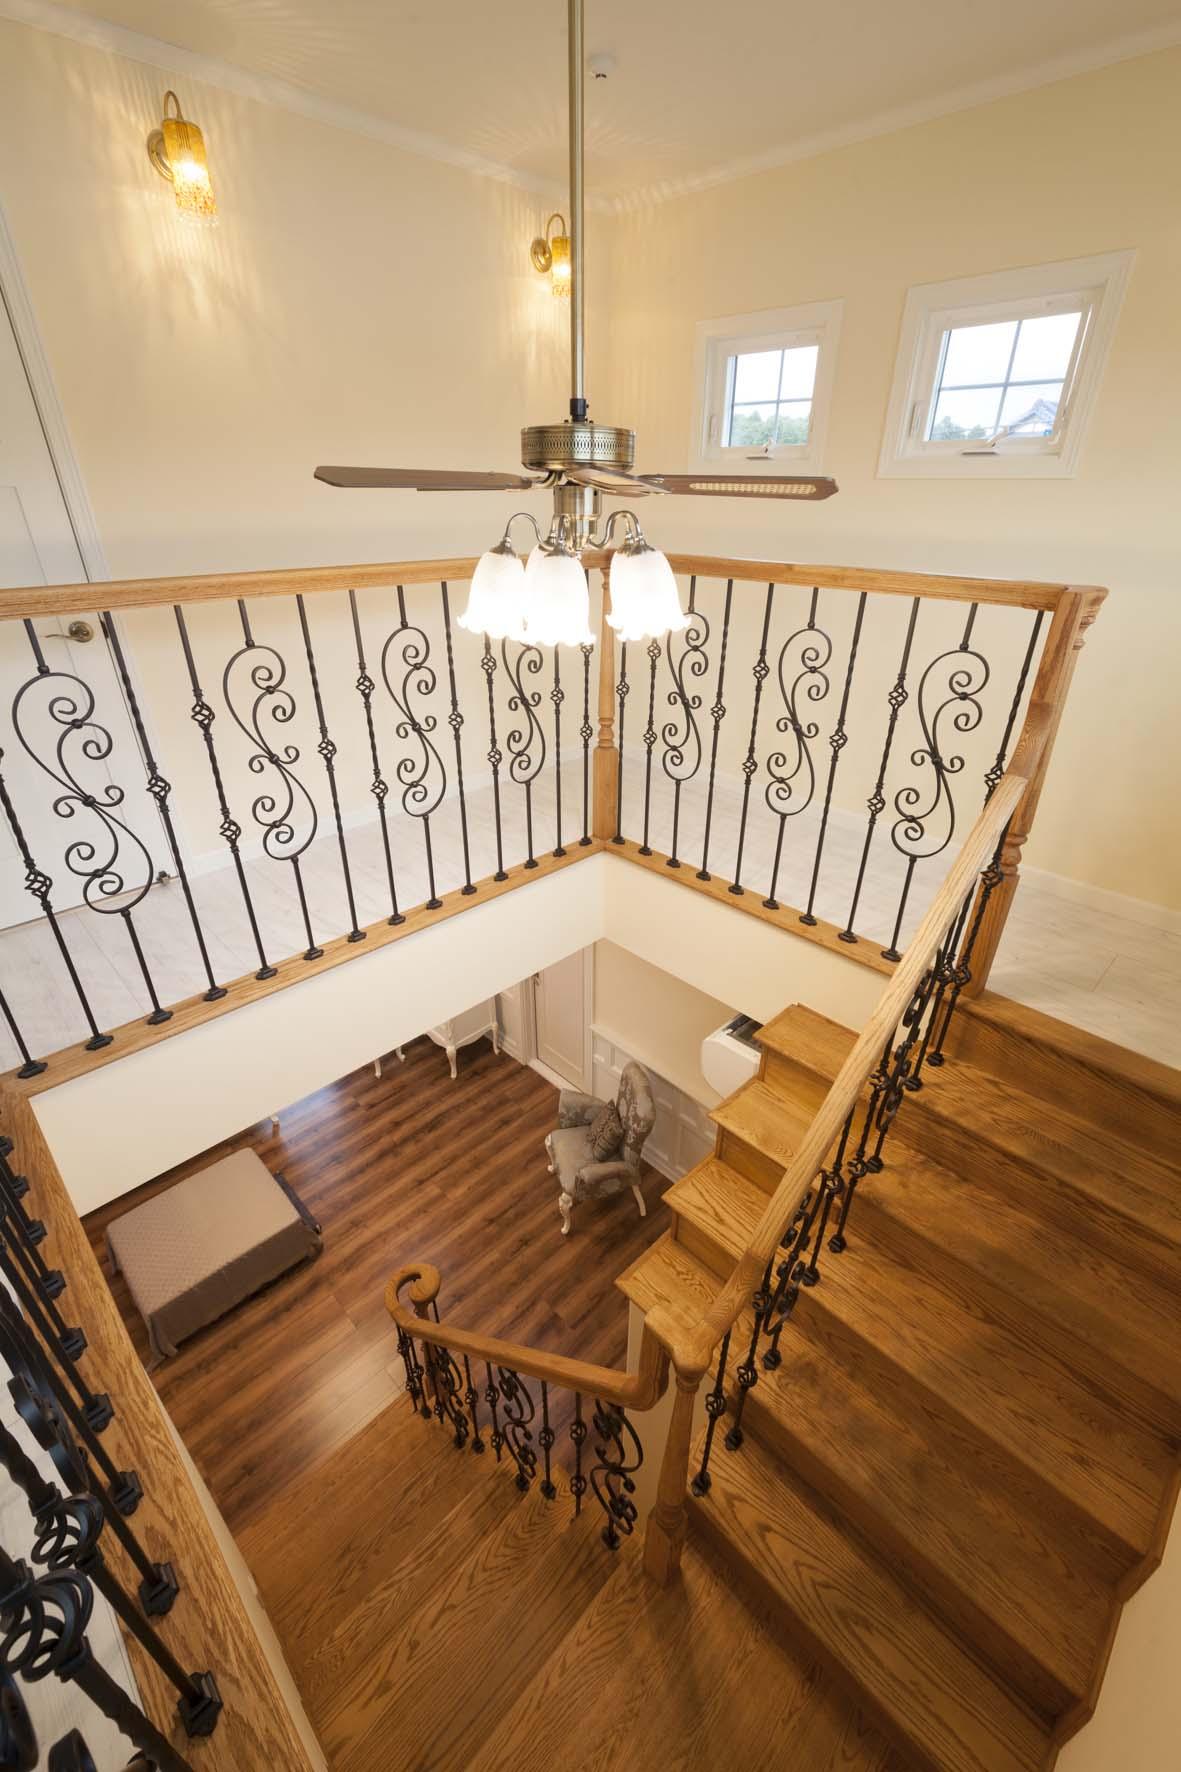 階段アート-LJスミス ロートアイアンバラスター